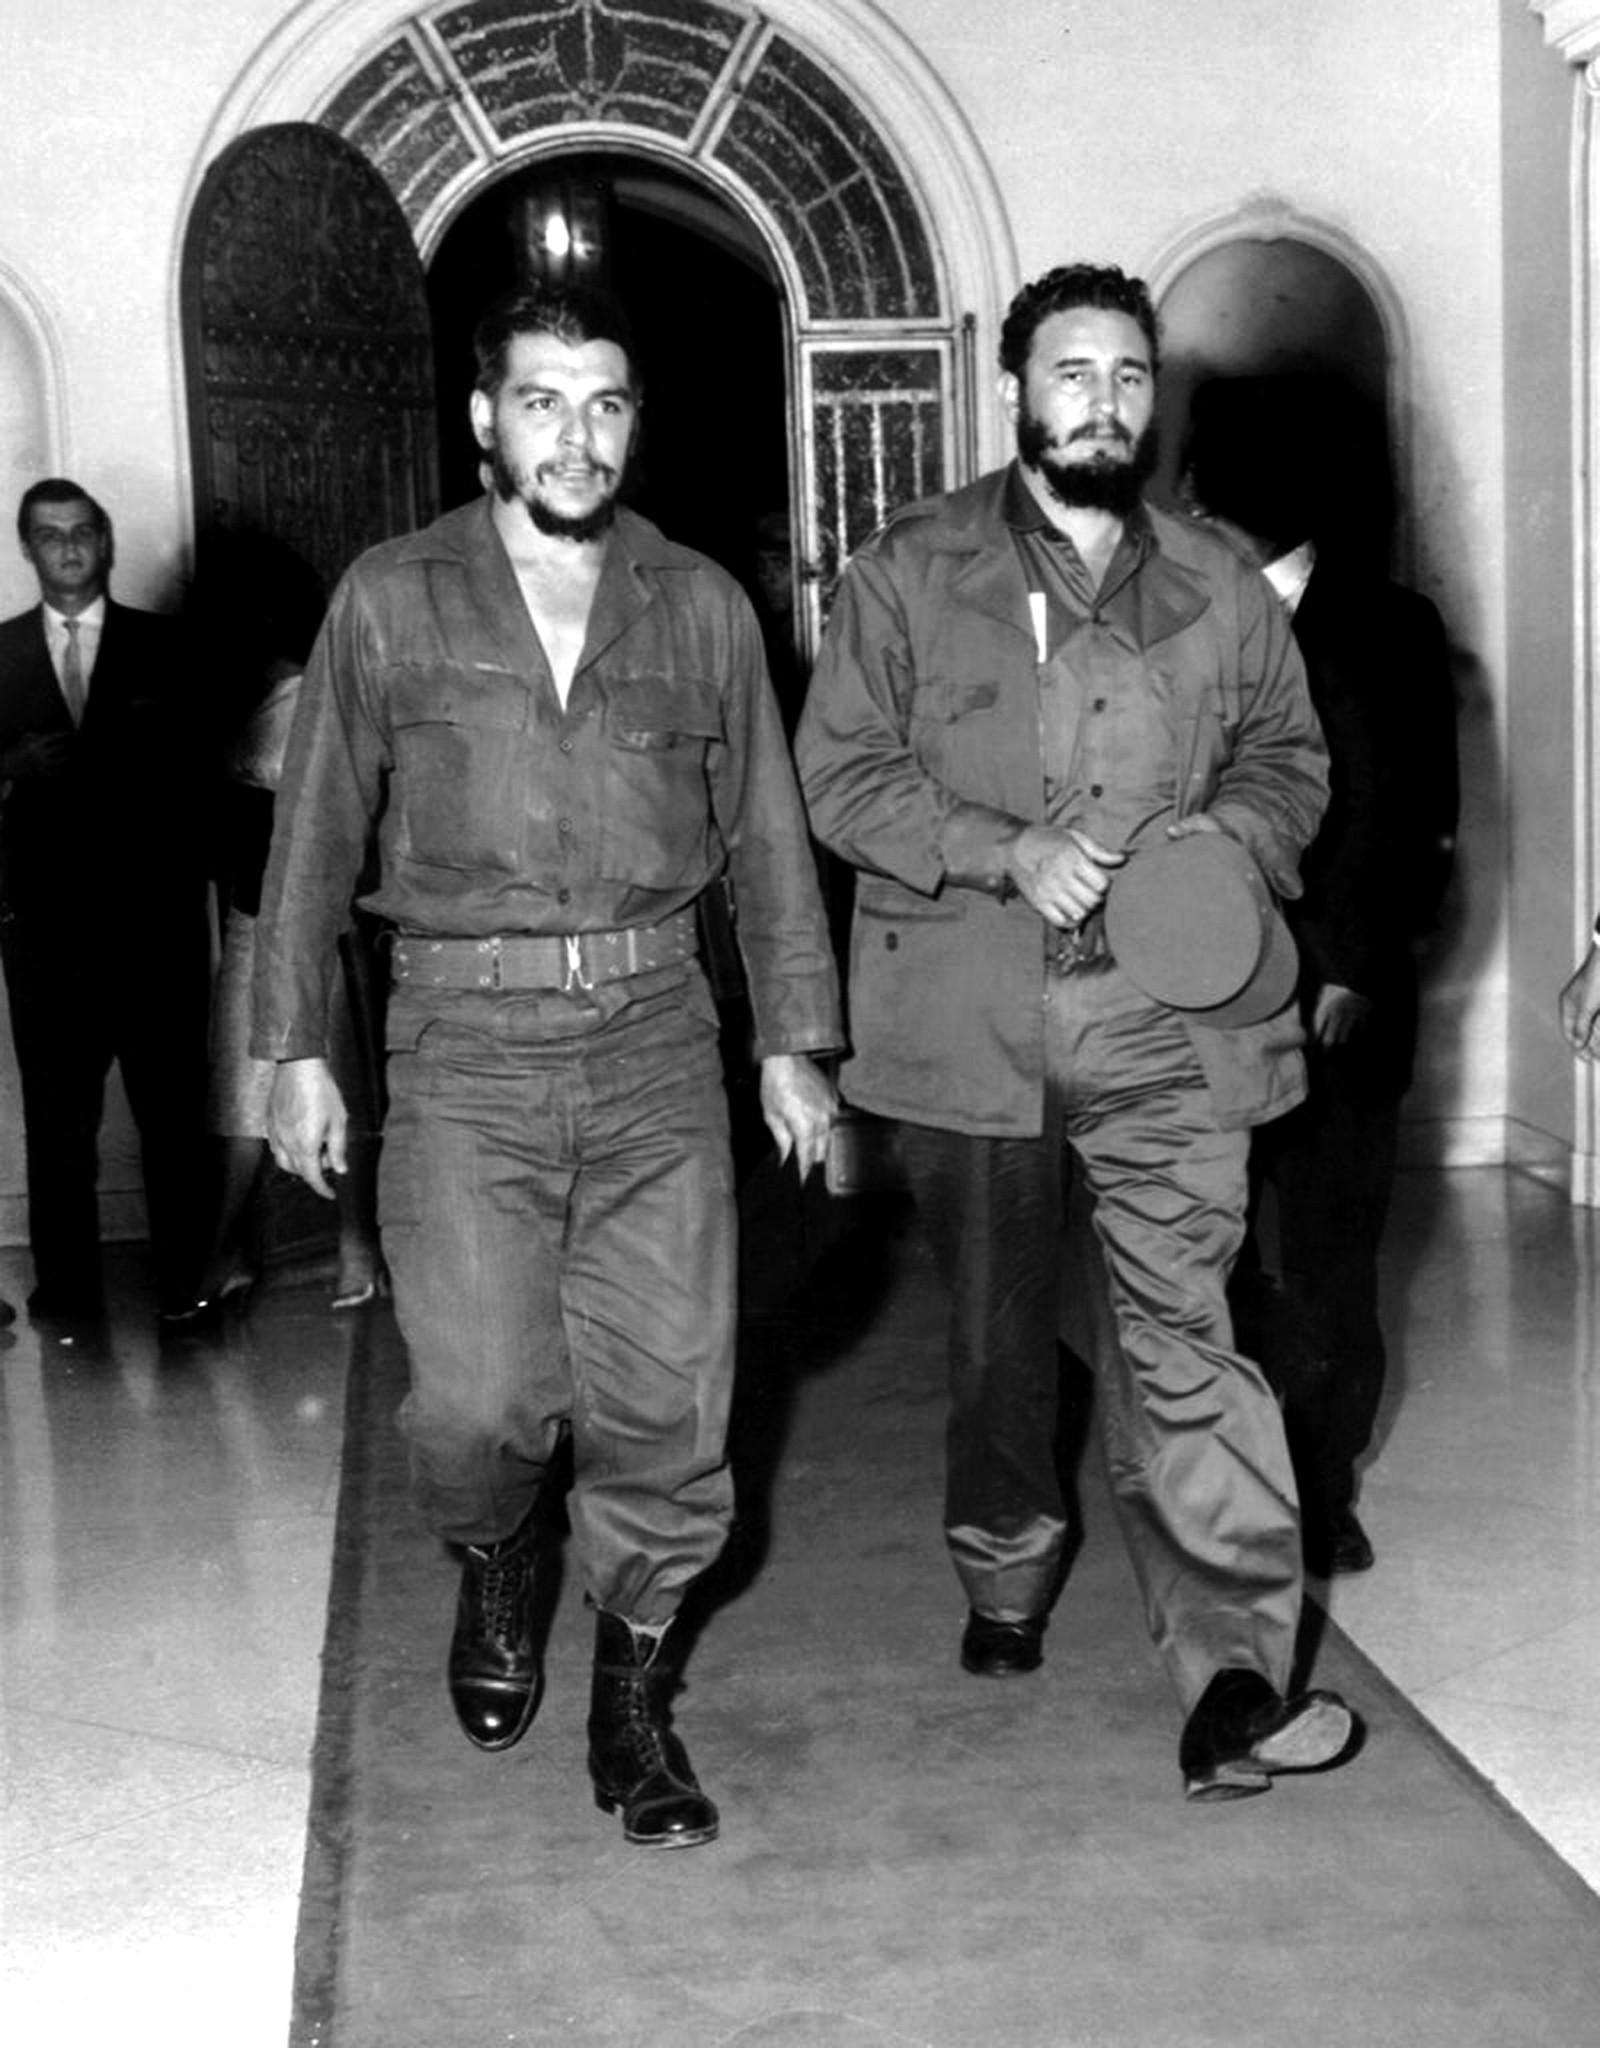 """Revolusjonskameratene Fidel Castro og Ernesto Che Guevara på vei inn i den berømte restauranten """"1830 """" i 1963."""